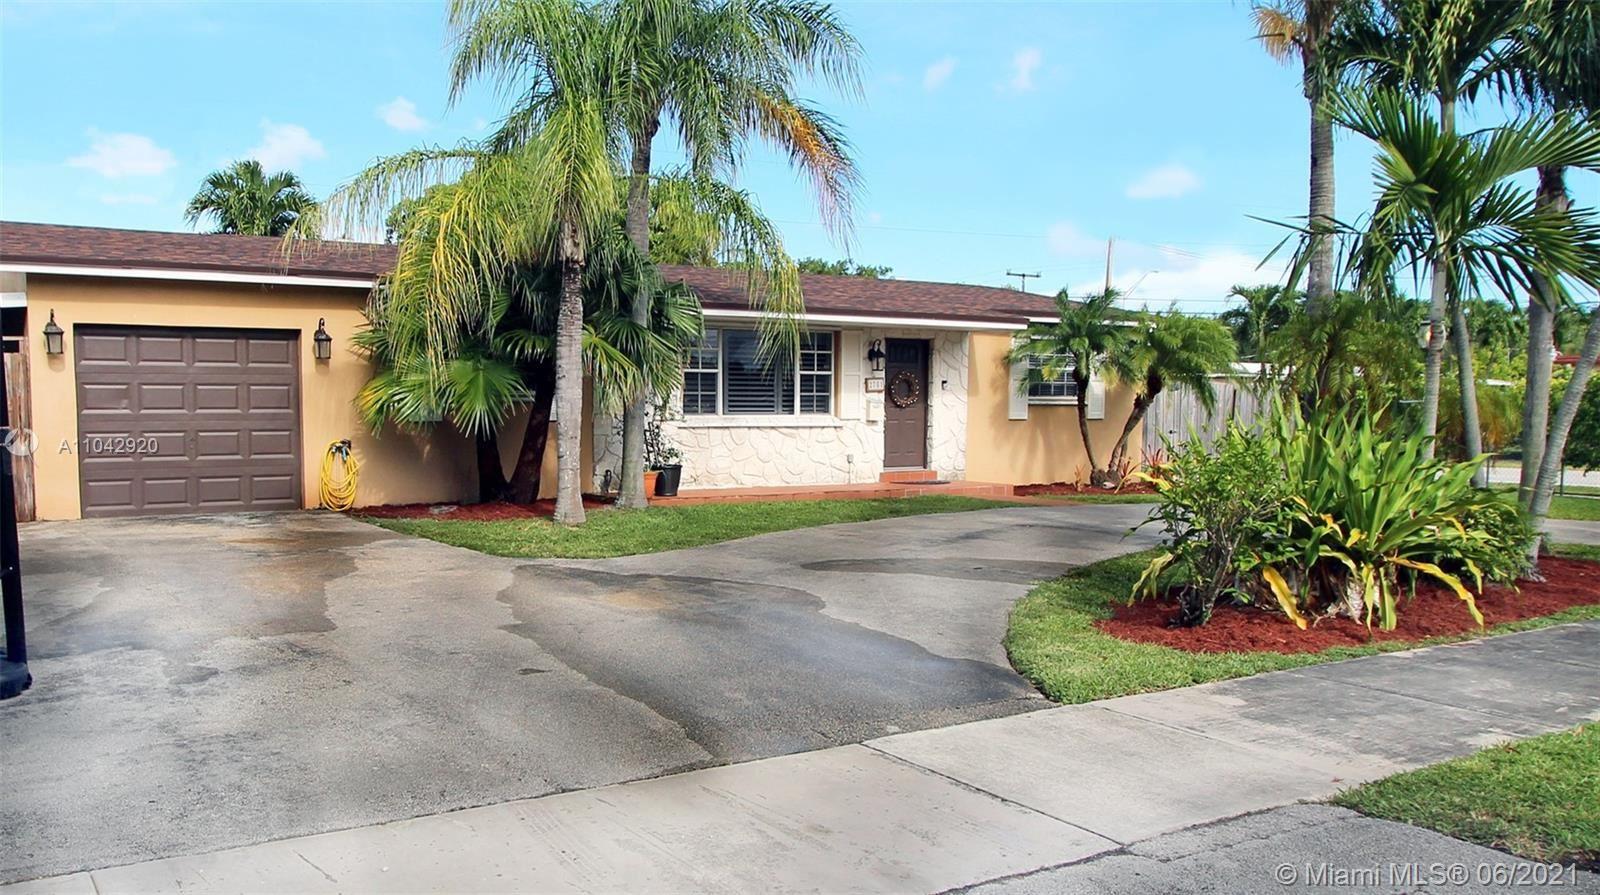 2781 SW 92nd Ct, Miami, FL 33165 - #: A11042920